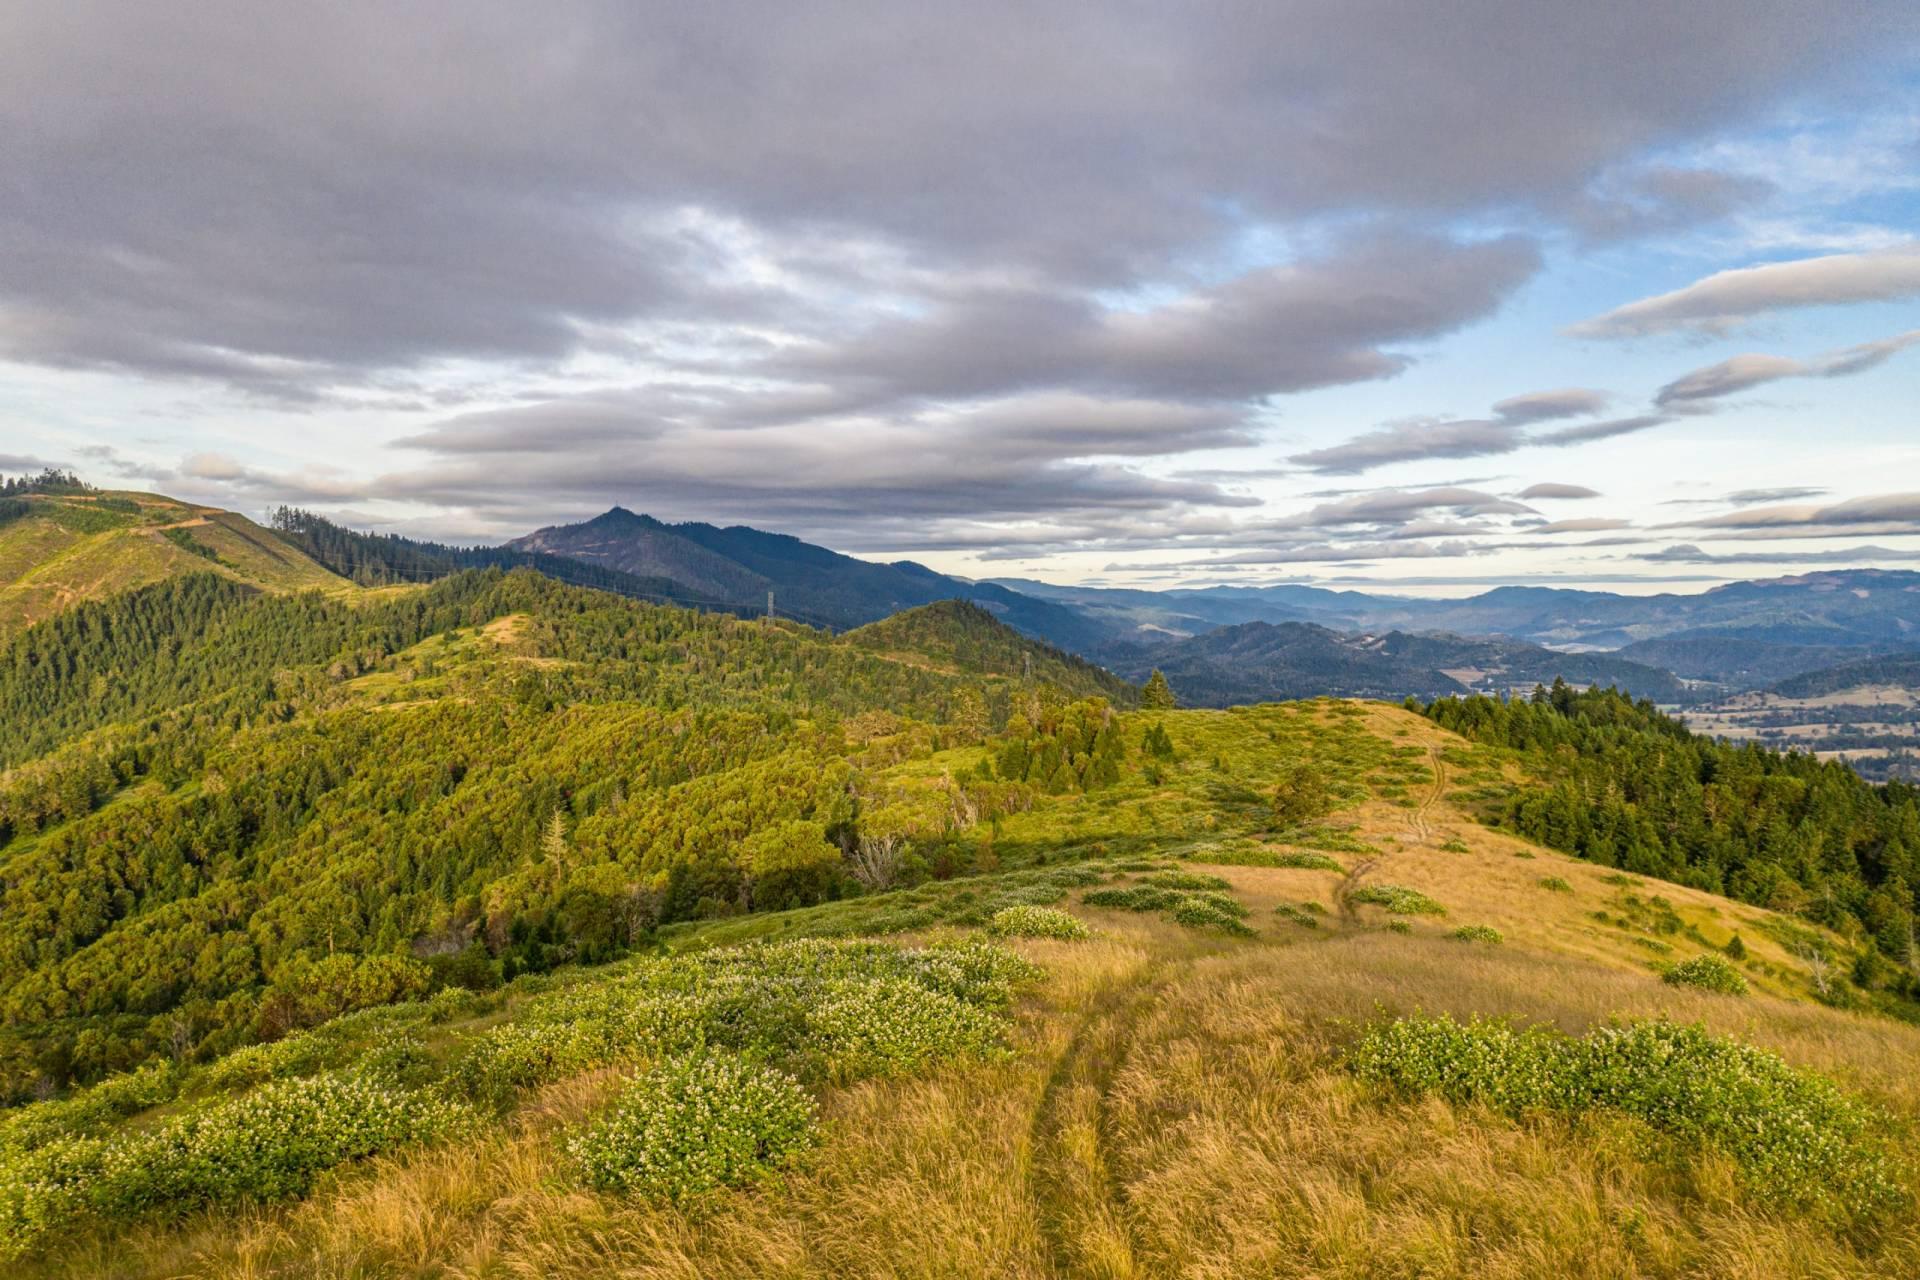 Beals Creek Ranch